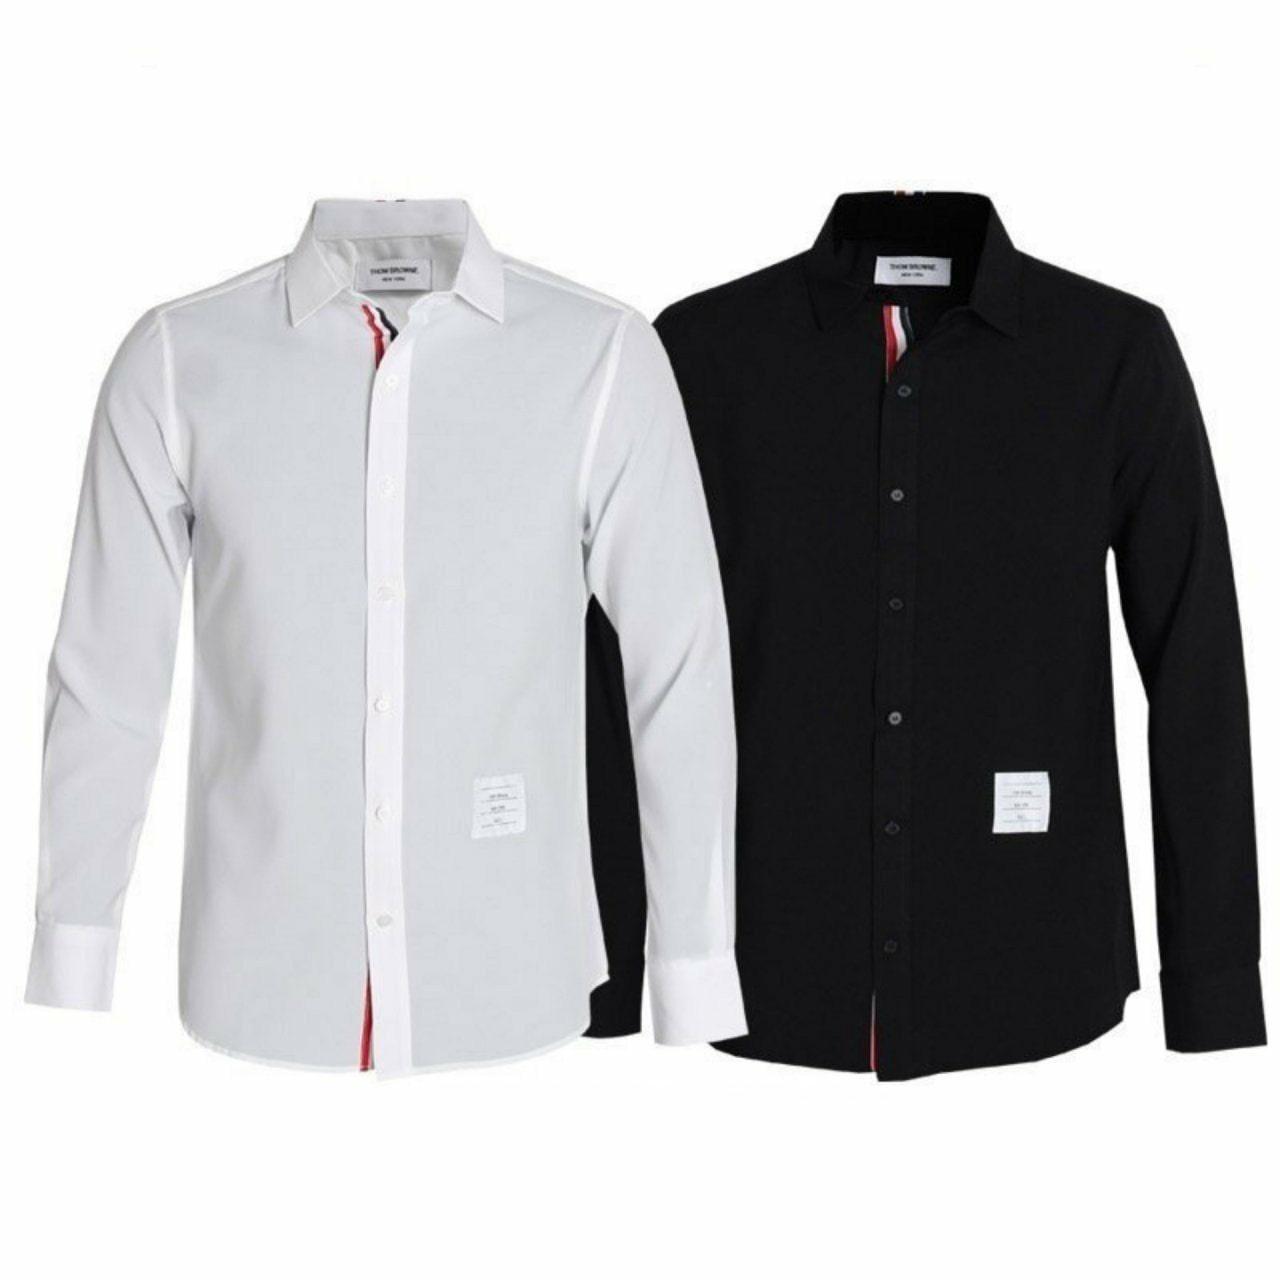 톰브라운 베이직 히든 삼선 셔츠